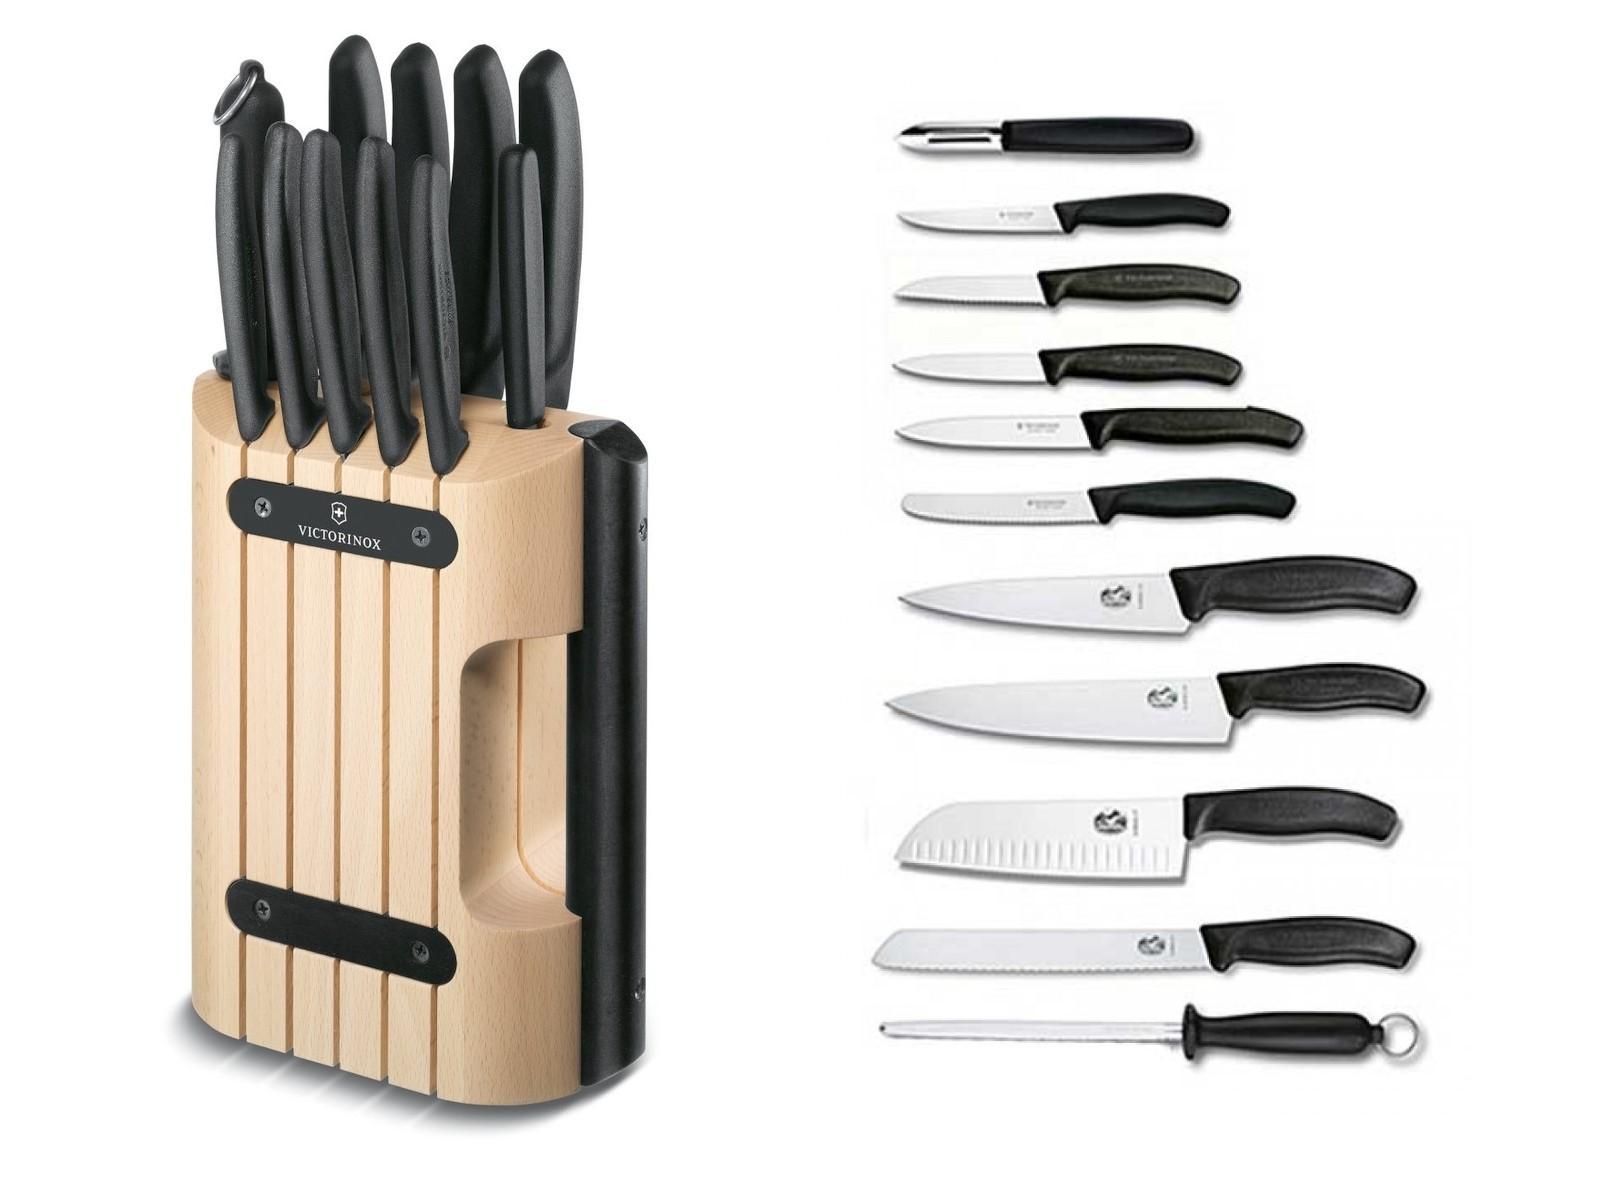 Кухонный набор Victorinox из 11 предметов в деревянной подставке (6.7153.11) - Wenger-Victorinox.Ru